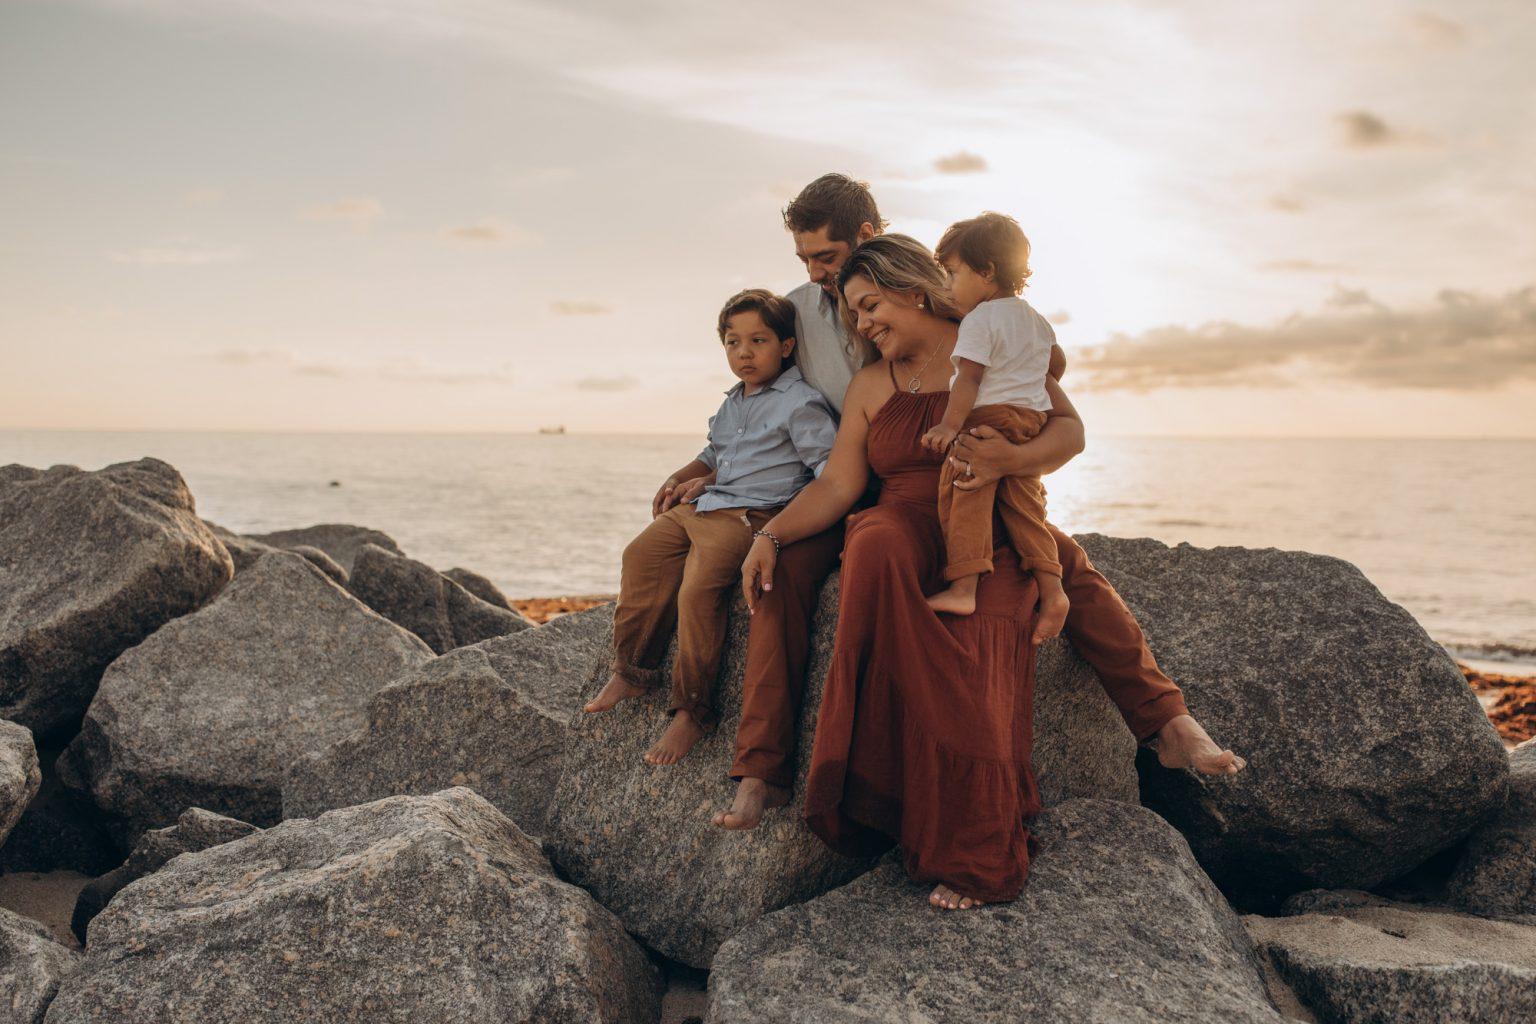 houston-family-photographer-florida-beach-session-233